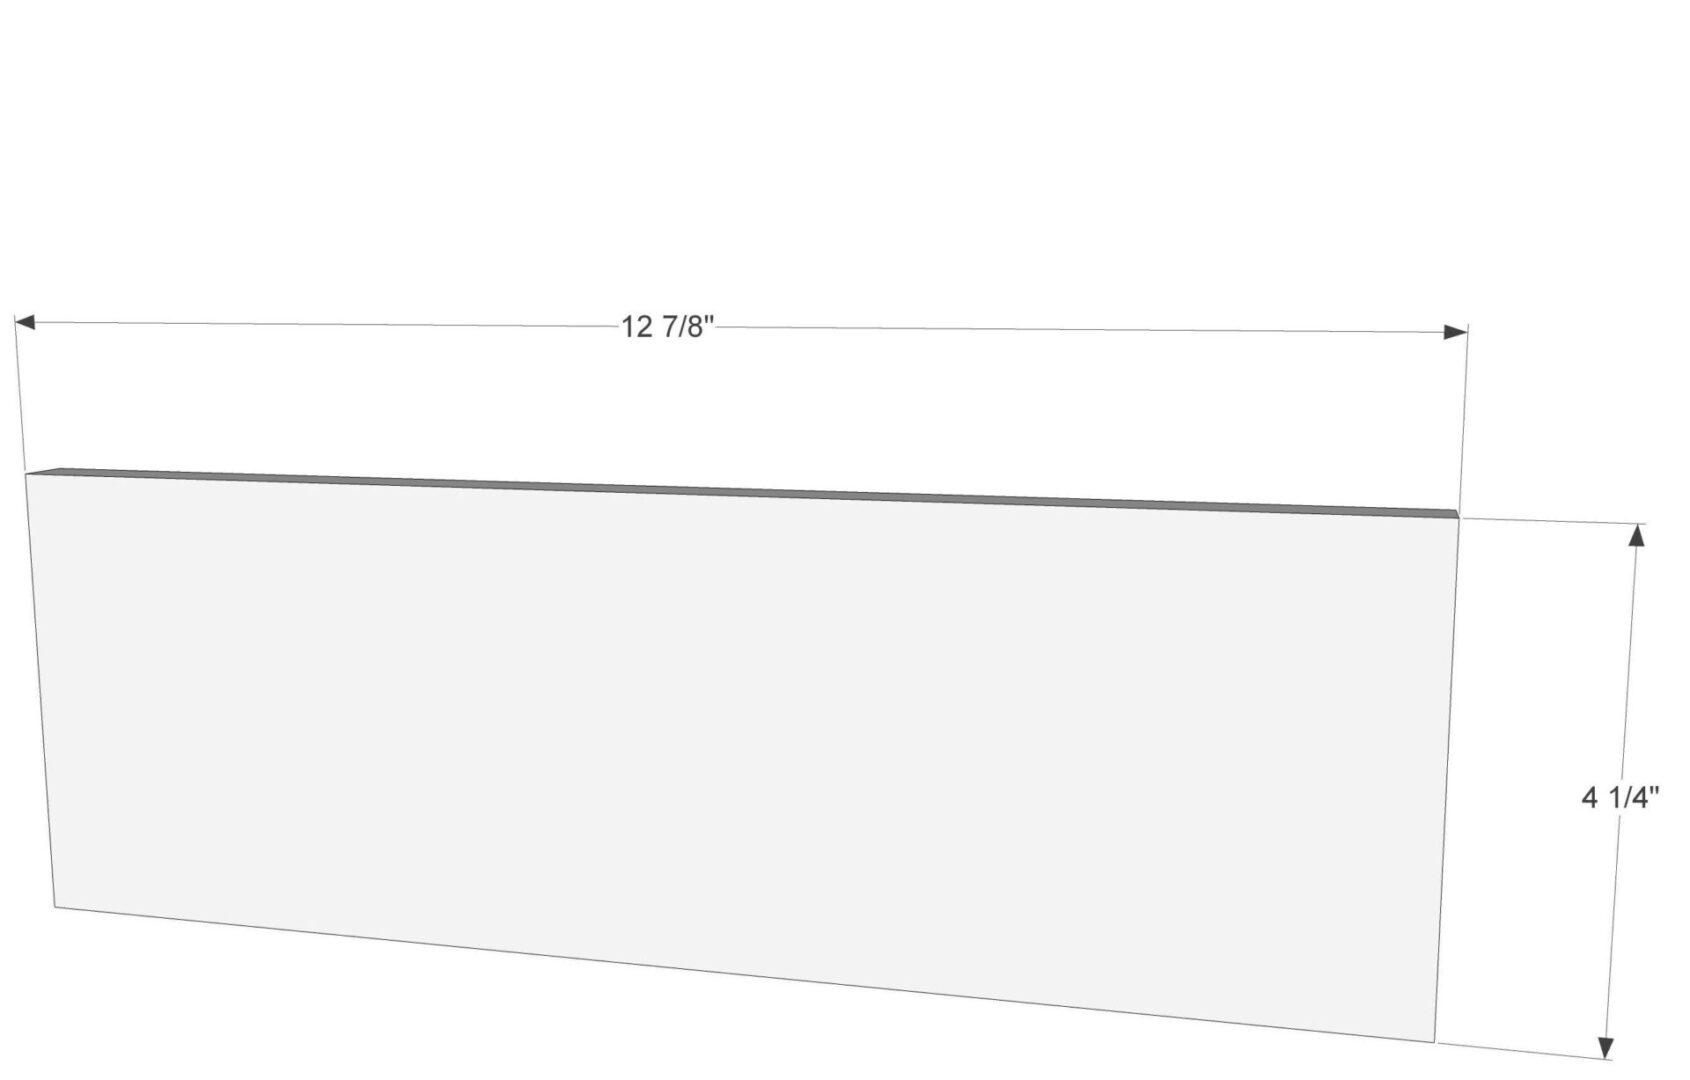 FT-0412 FIELD TILE